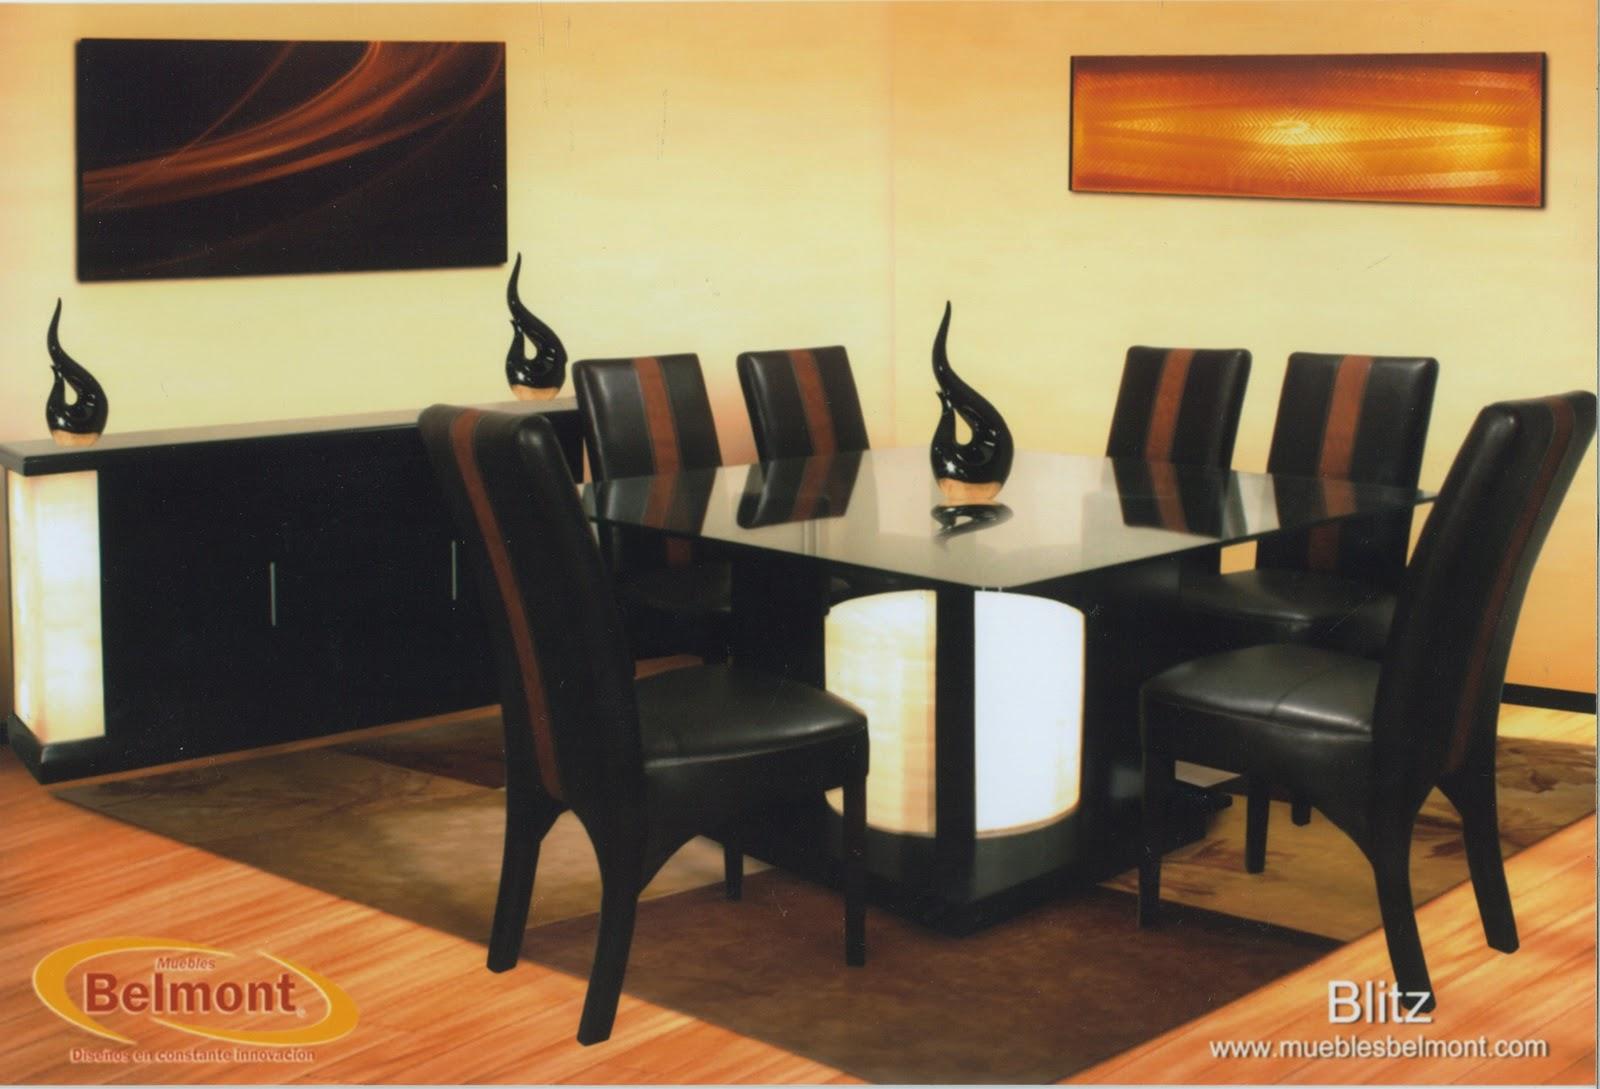 Muebles y decoraci n para su hogar c mo distribuir los for Muebles y decoracion para el hogar